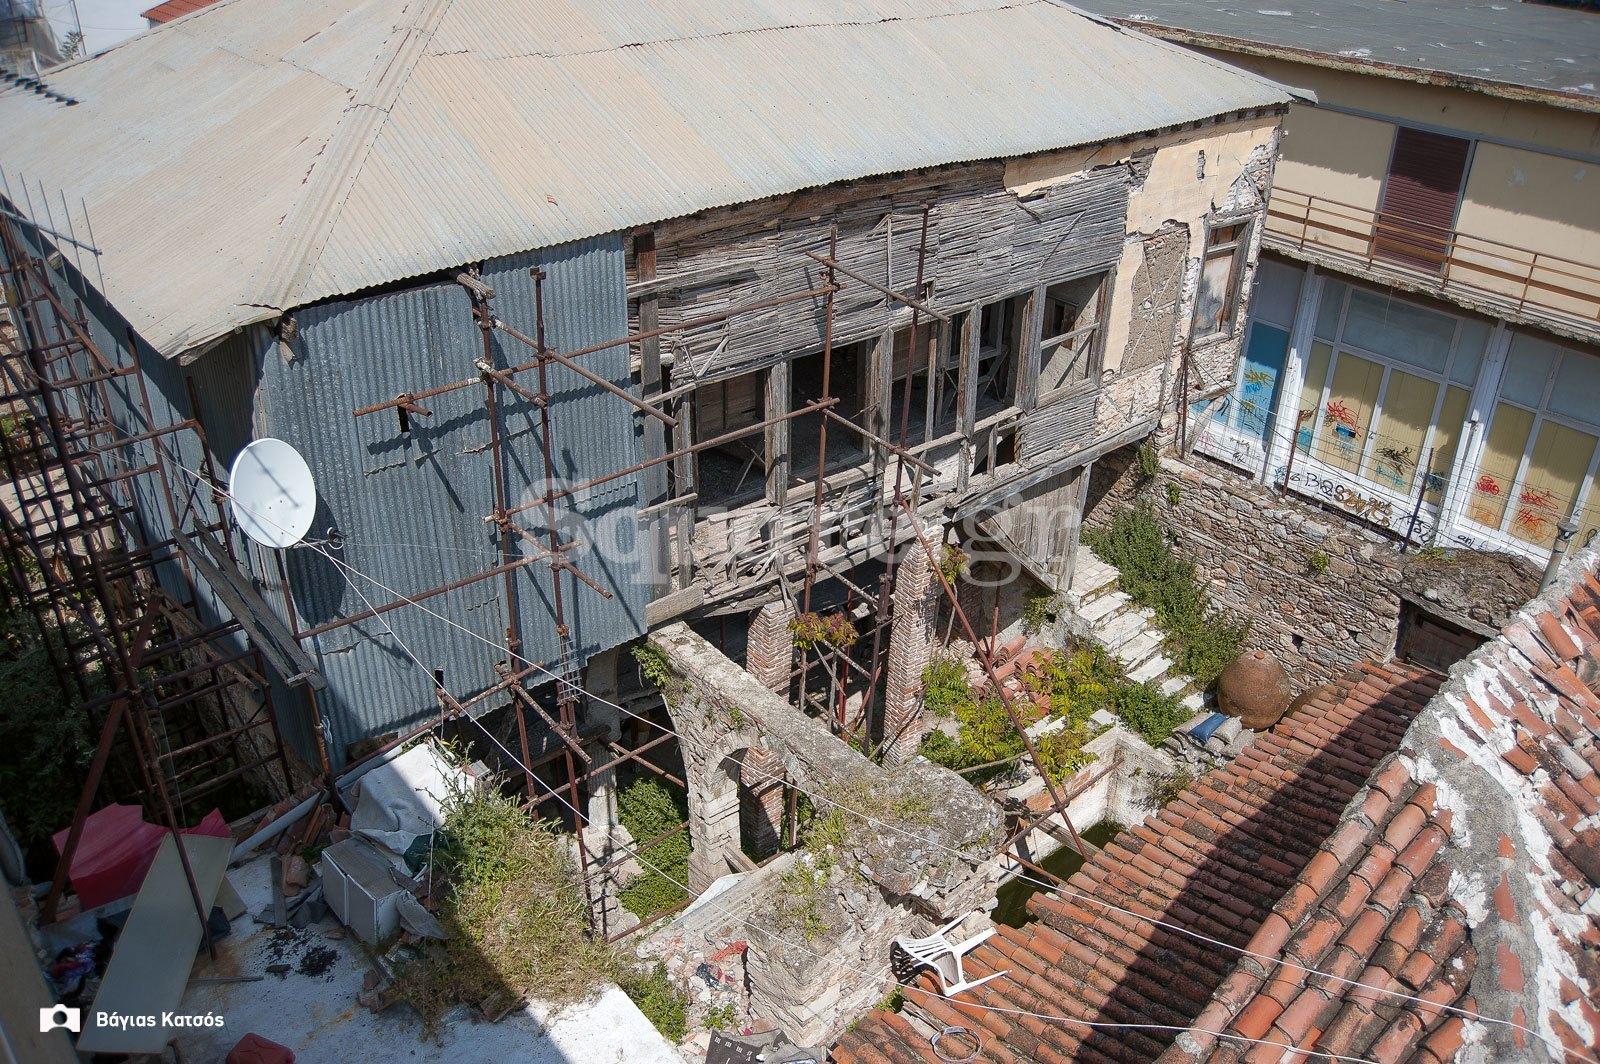 5-Σπίτι-οδού-Παίδων-Χαλκίδα-ετοιμόρροπο-αρχοντικό-Τουρκοκρατίας